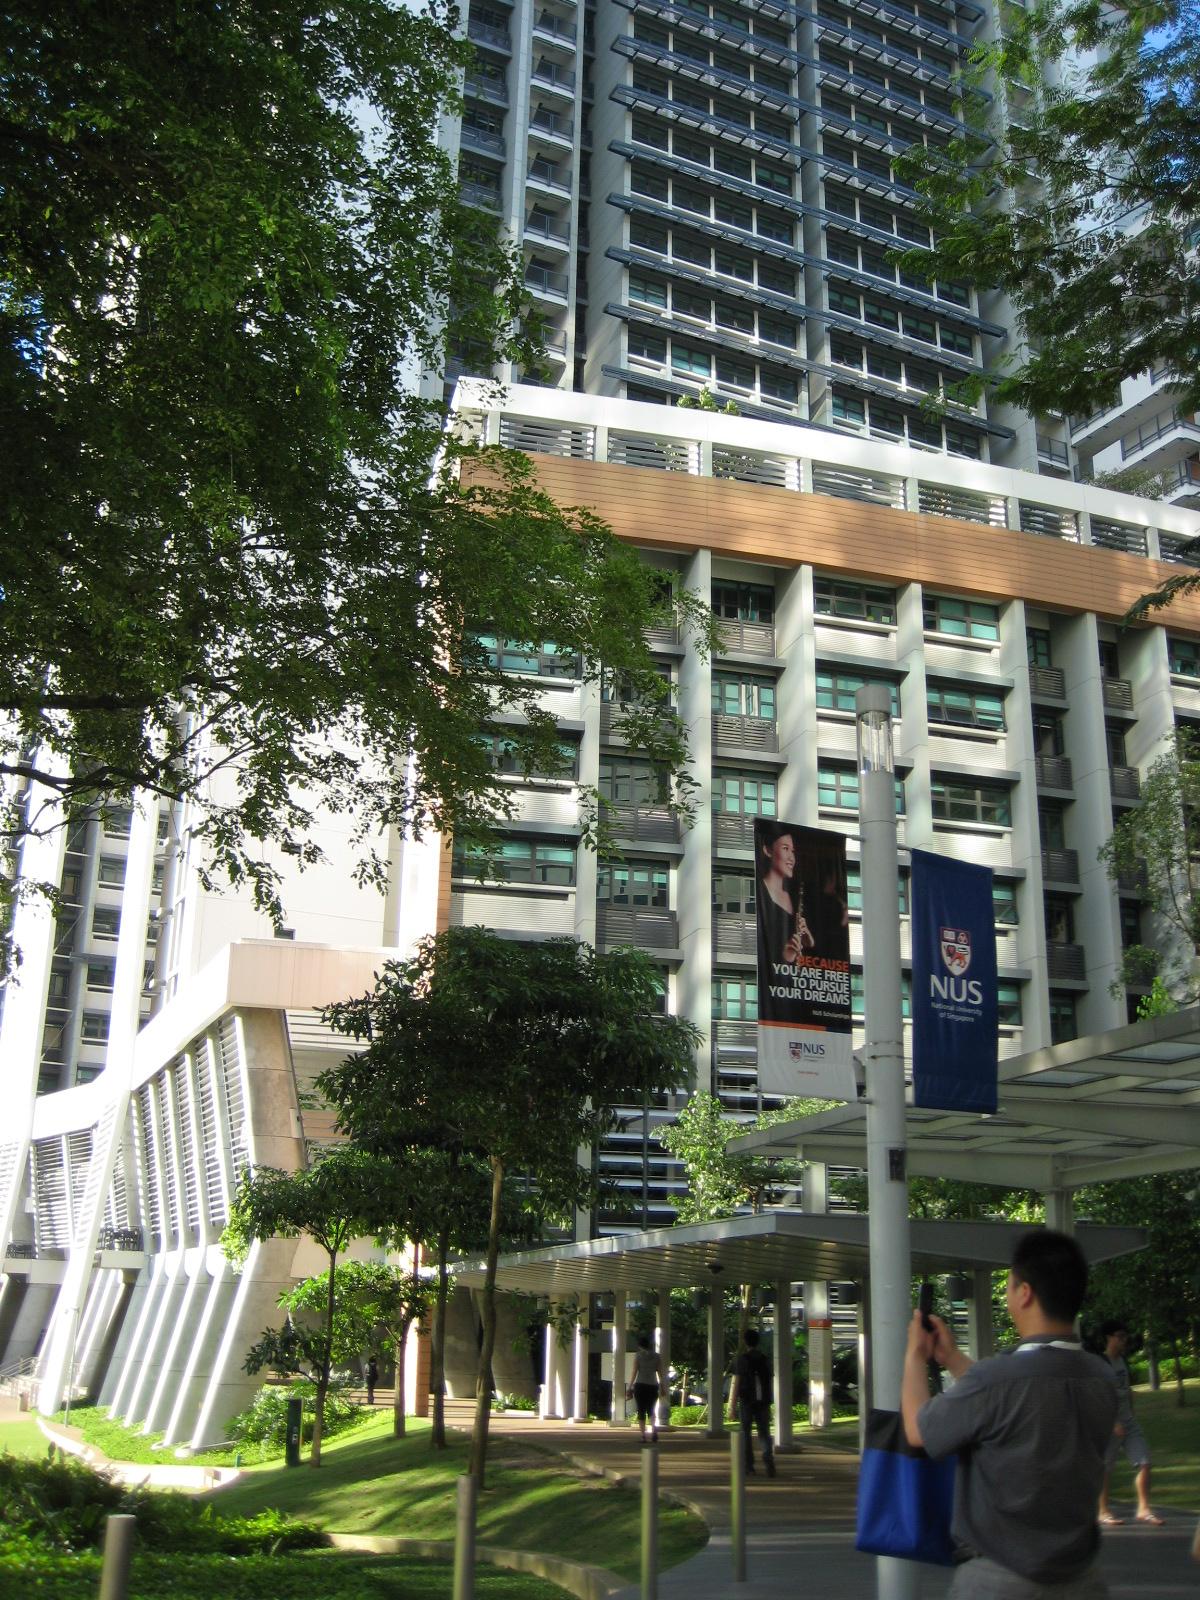 NATIONAL UNIVERSITY OF SINGAPORE Image